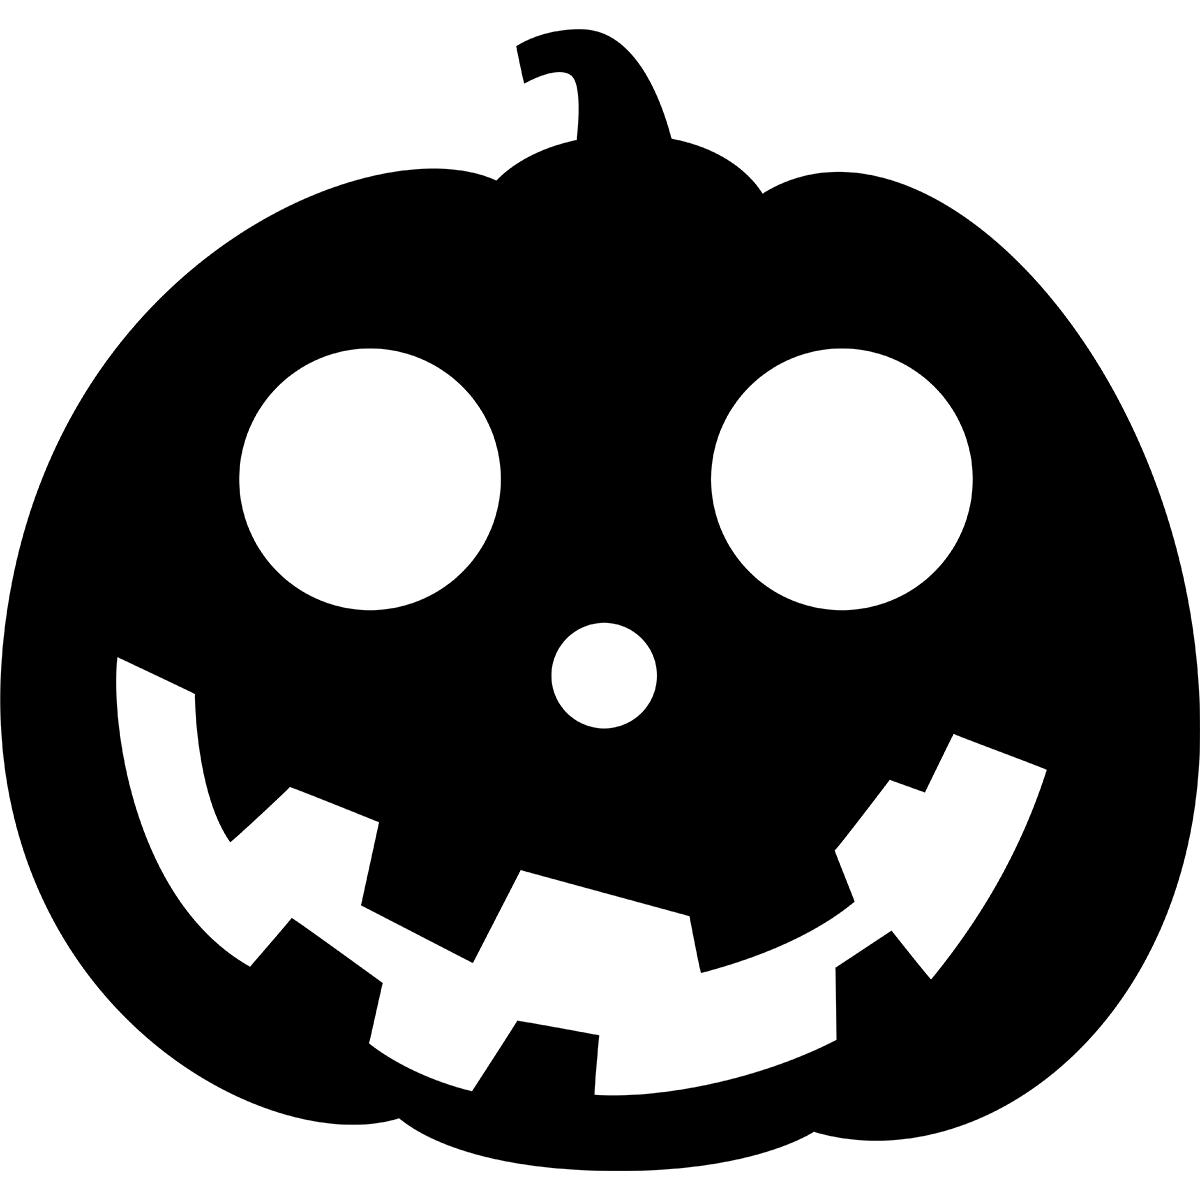 ハロウィンかぼちゃ(シルエット/丸型)の無料イラスト